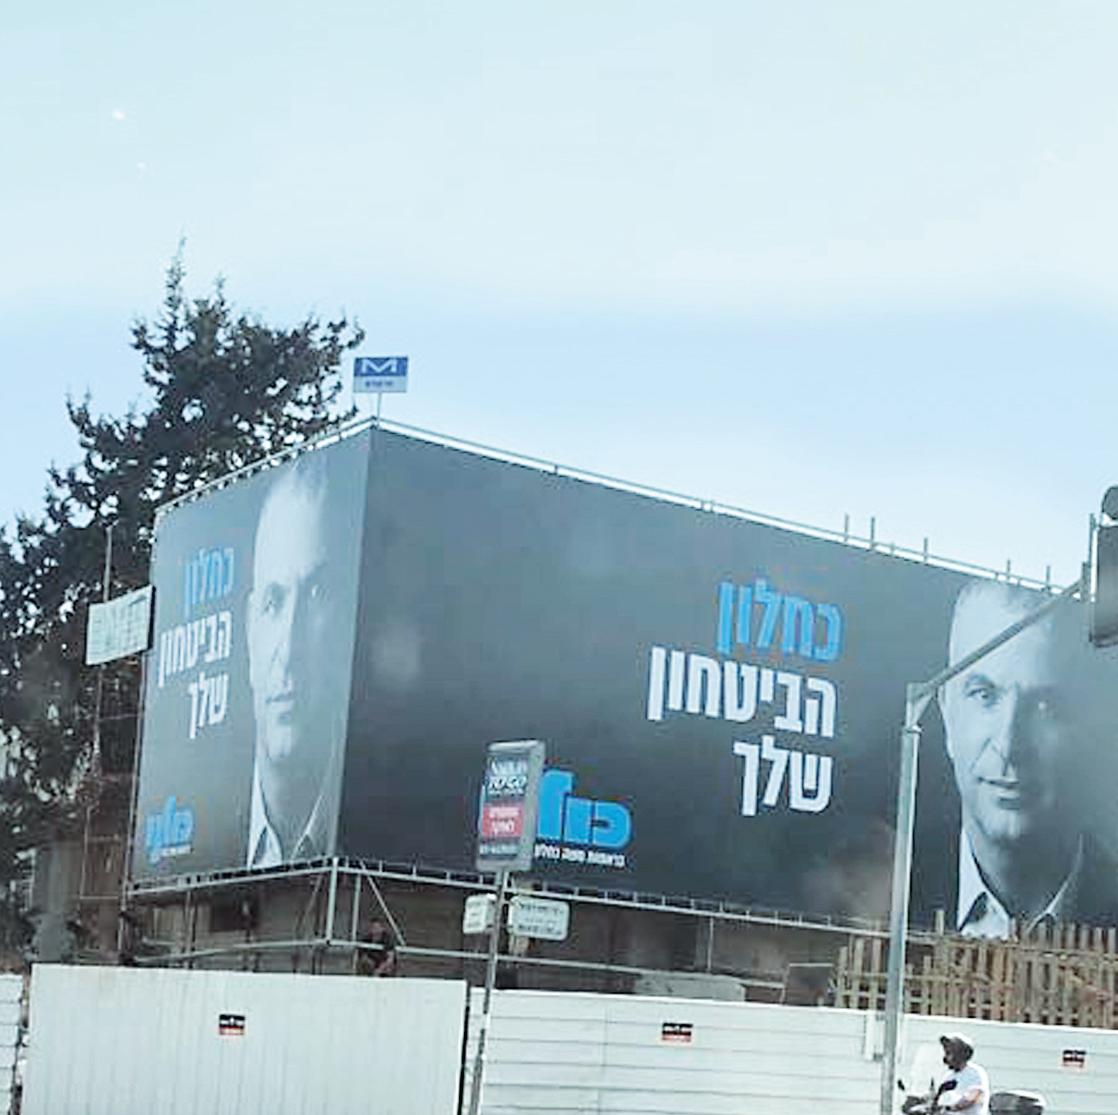 הקמפיין של כחלון. הוא חושב שהבחירות קרובות